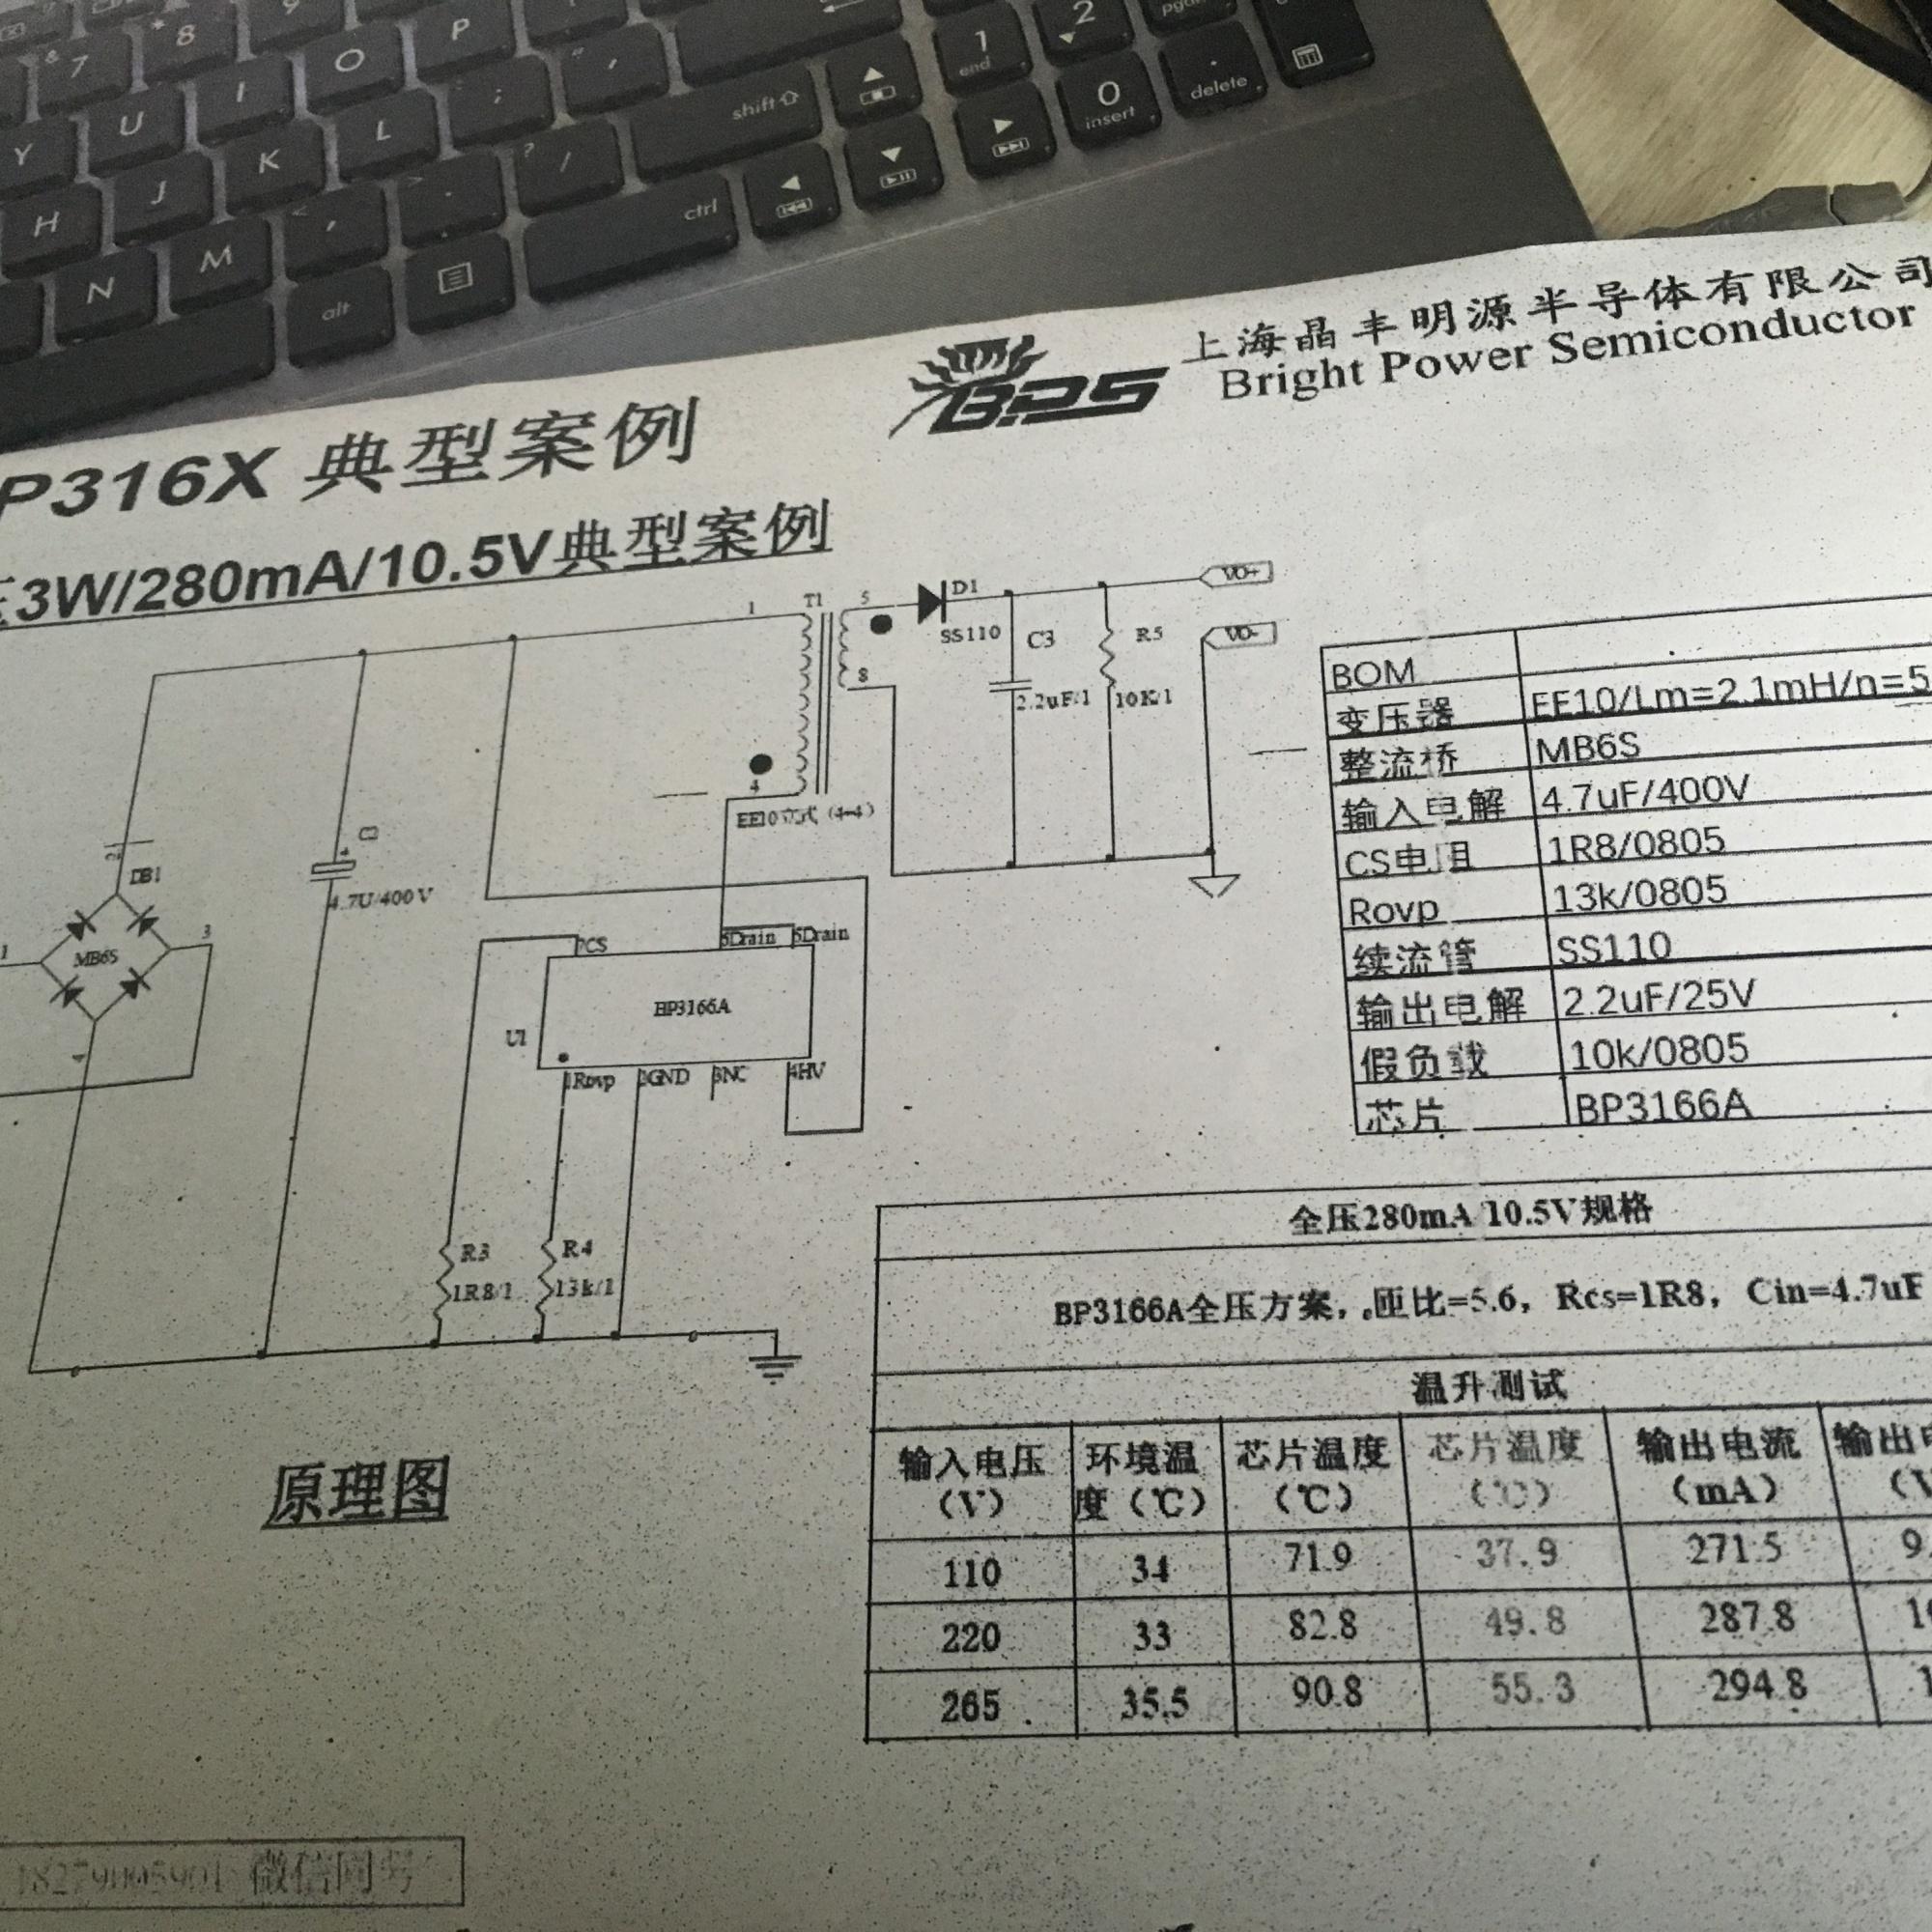 请教下各路大神 这里变压器的电感量 匝比和线圈匝数怎么算出来的